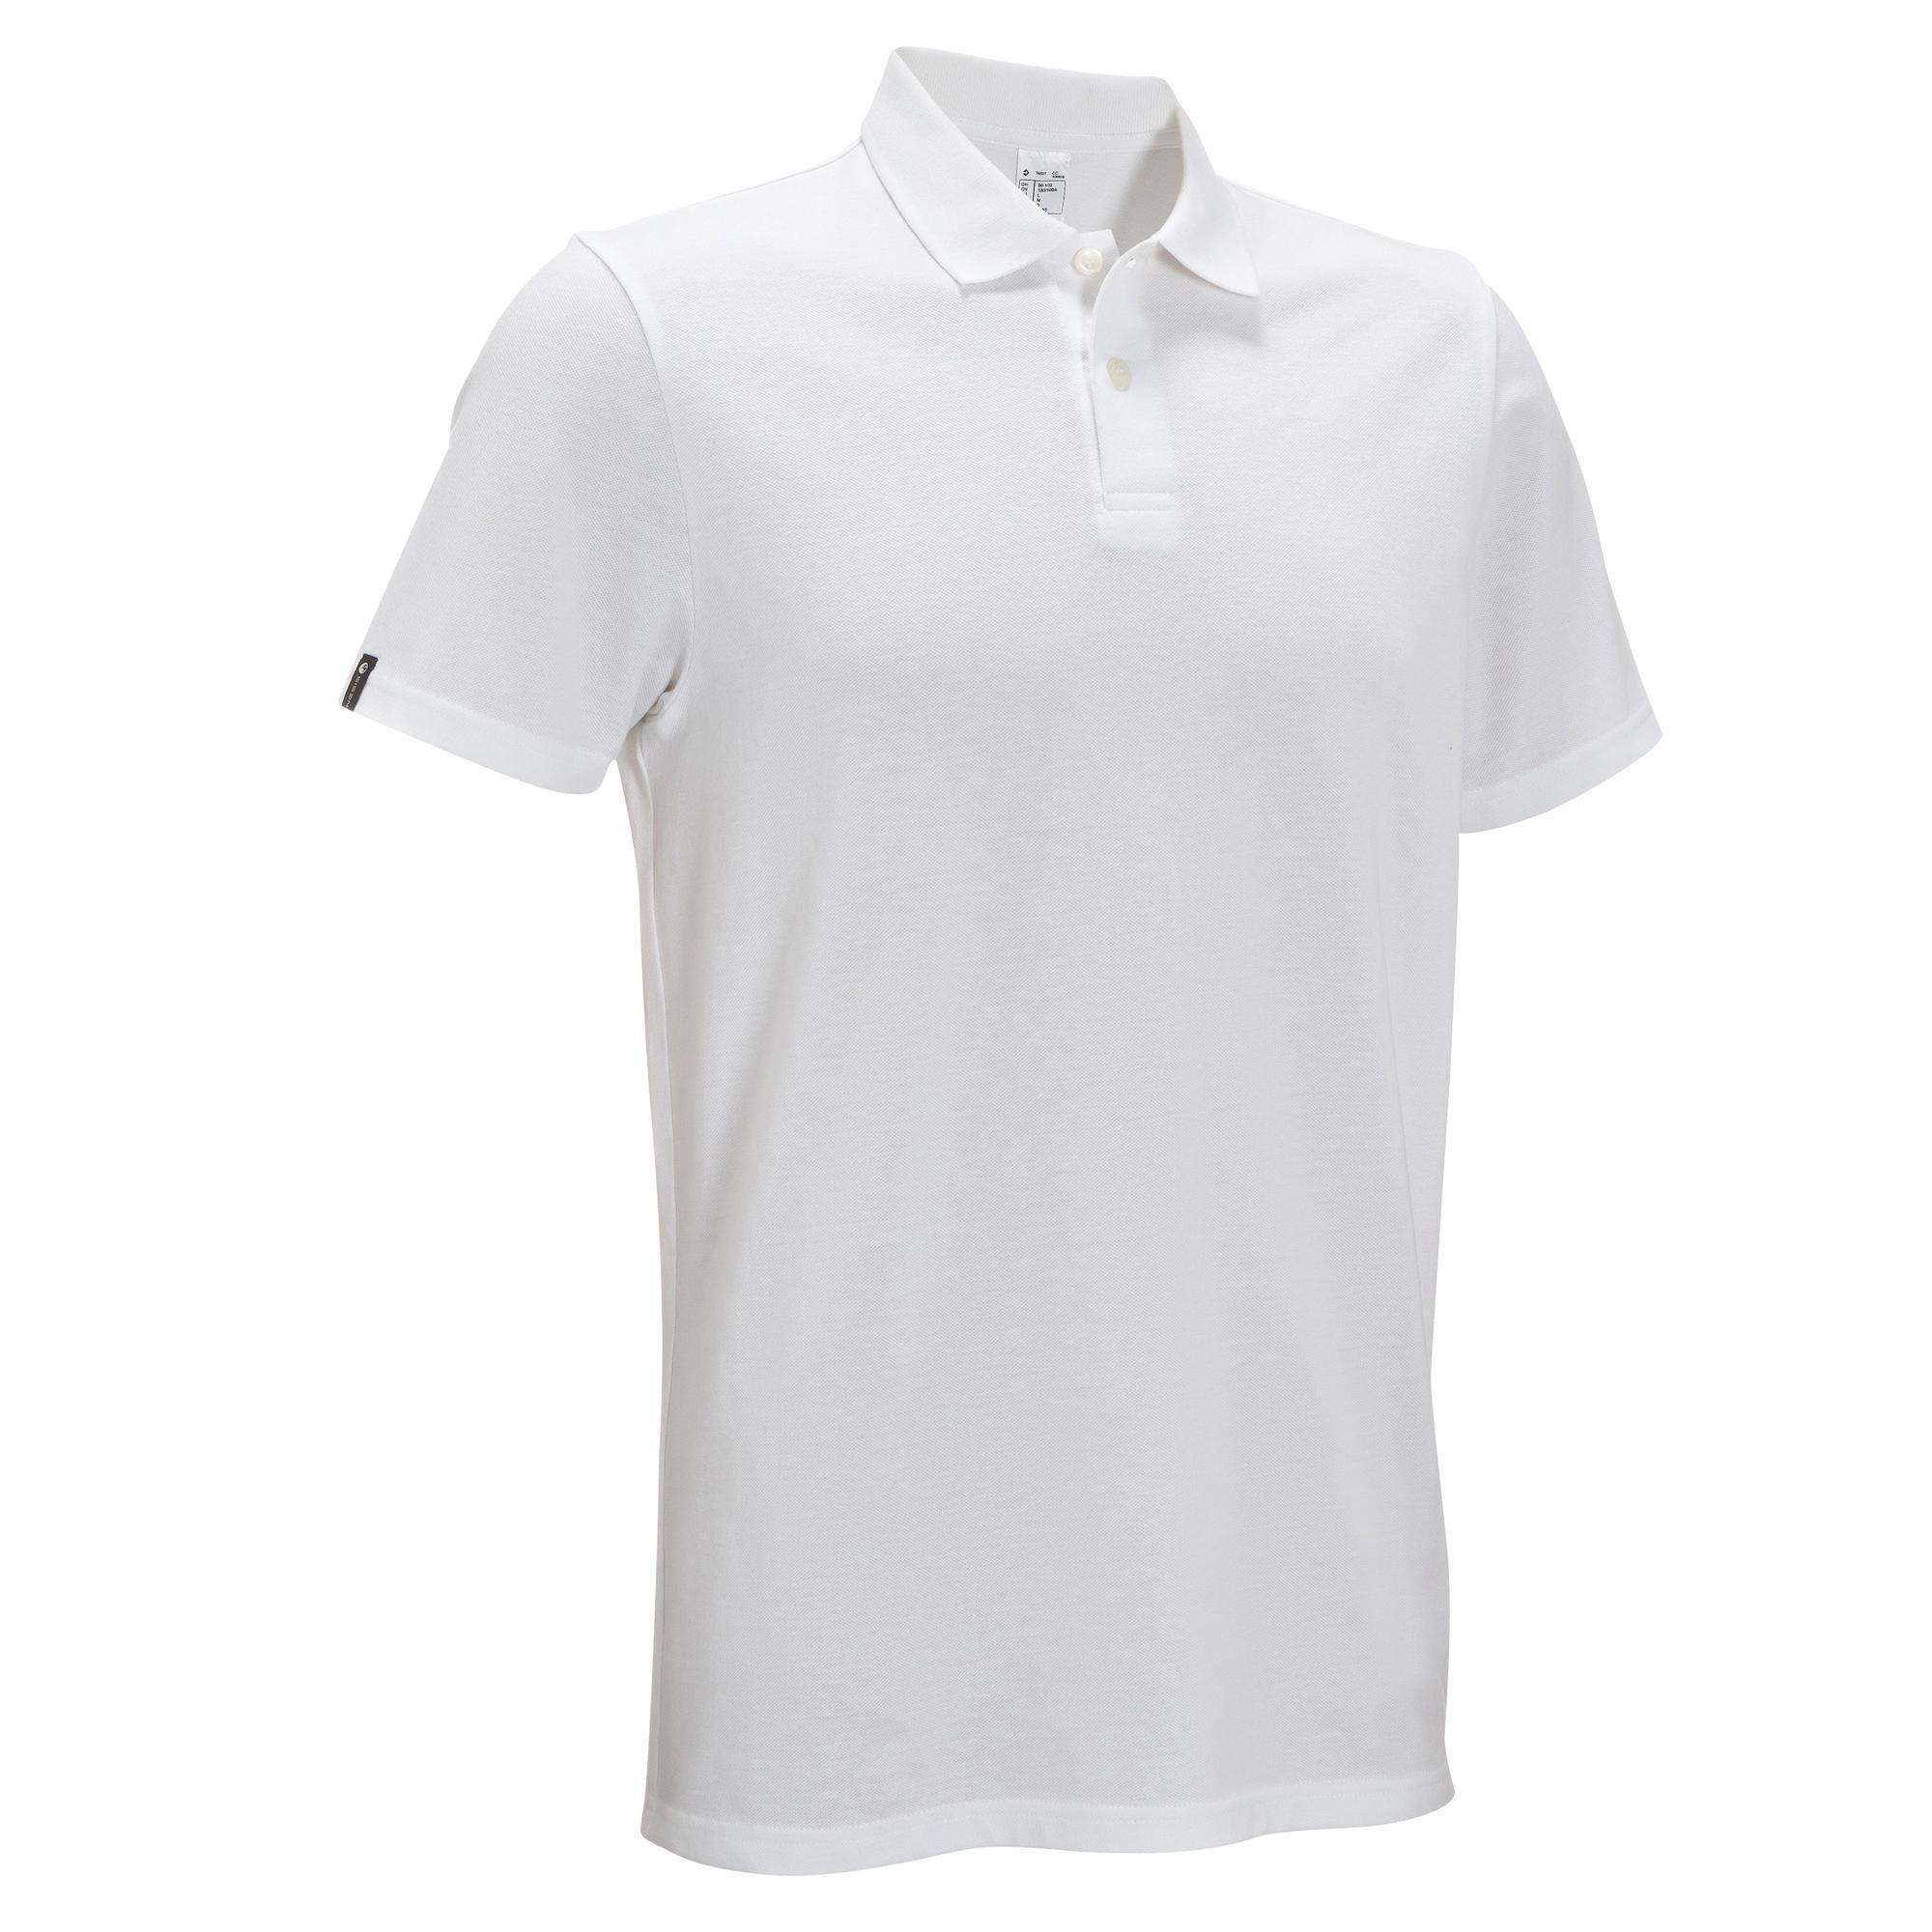 f6d9a6bd74 polo vetement blanc,Vetements Homme Lacoste Polo slim fit manches longues  blanc en coton LACOSTE